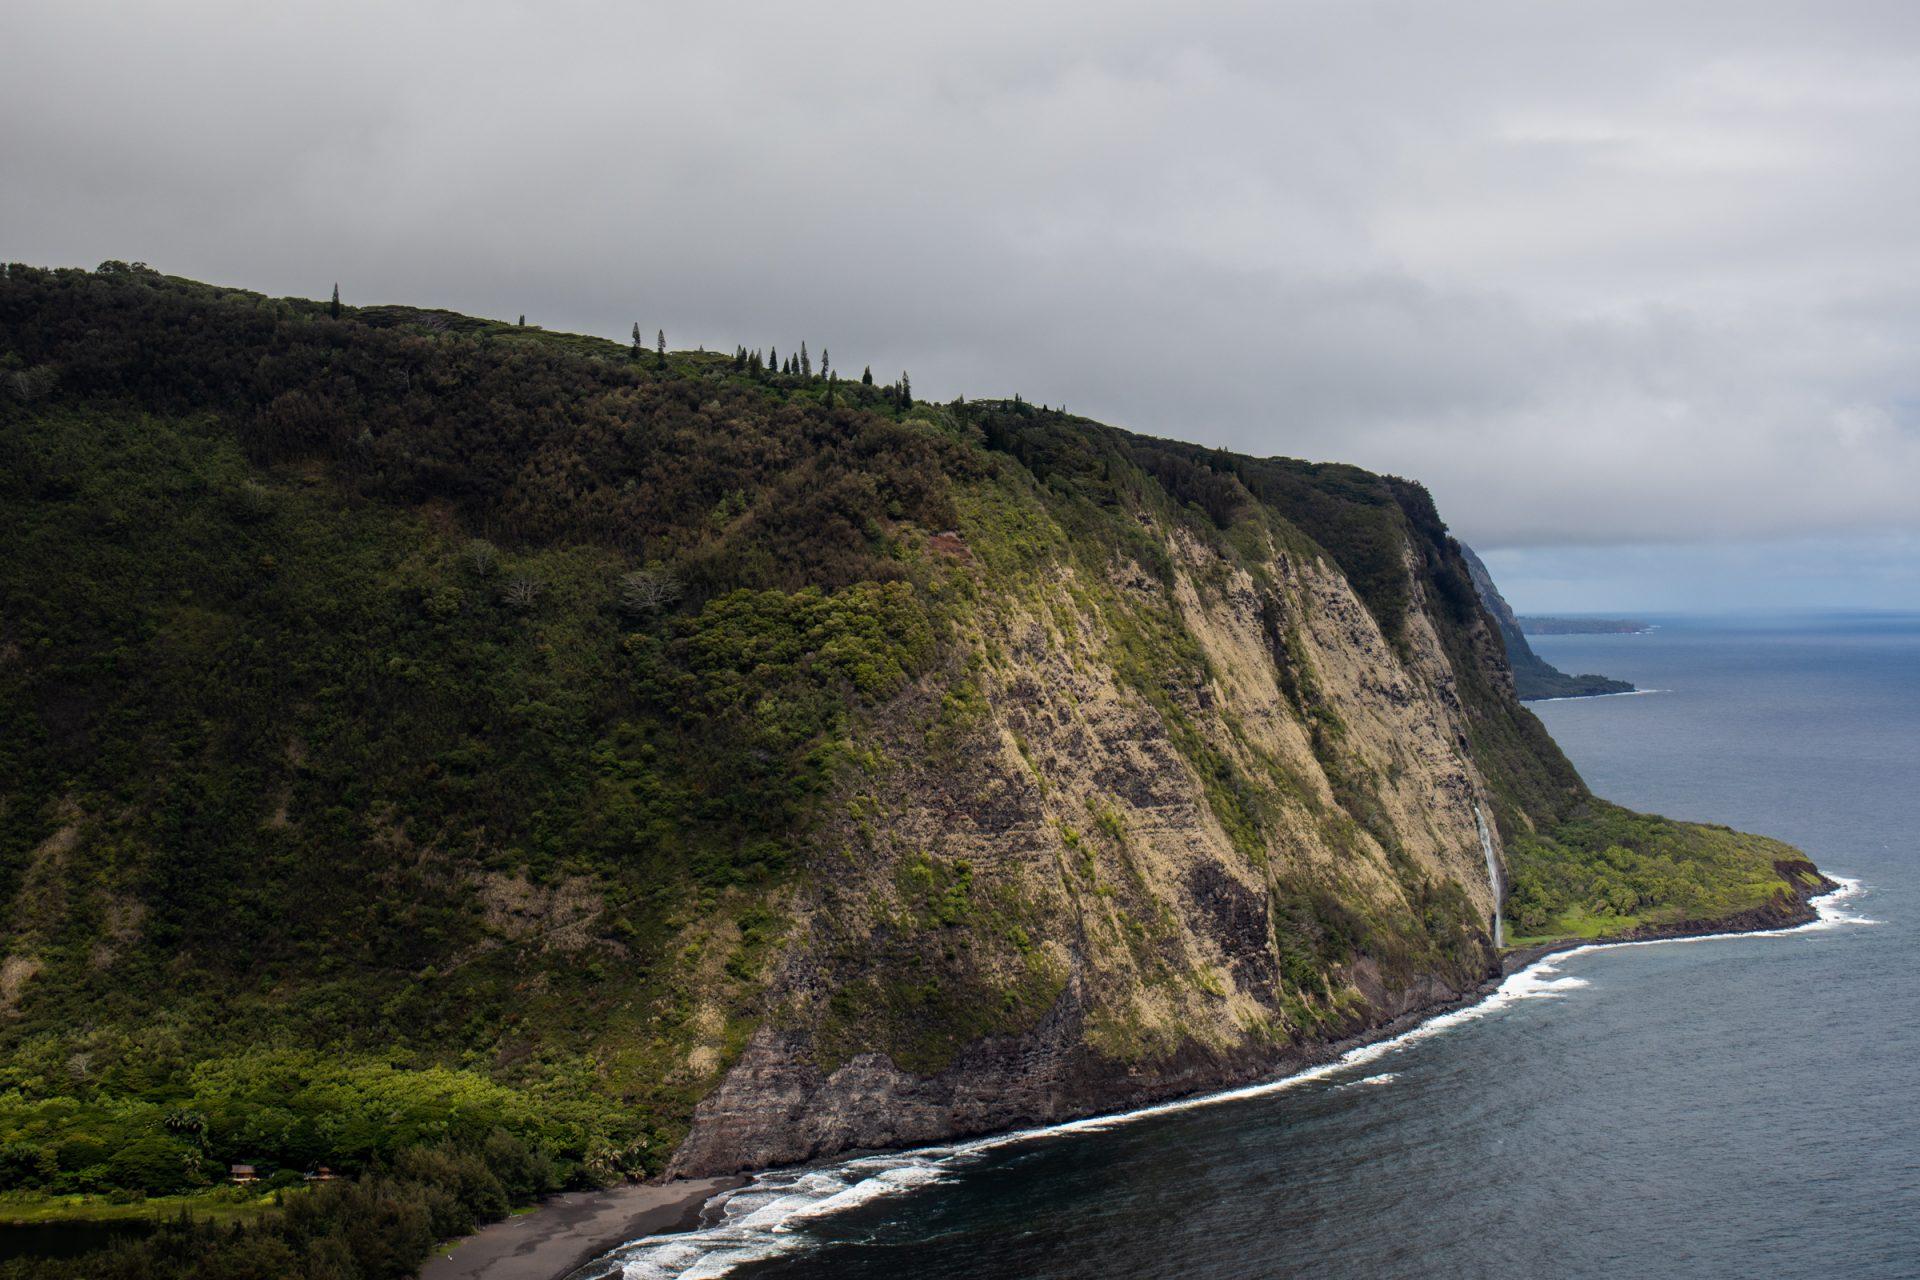 Plants And Trees Near Coastal Cliff